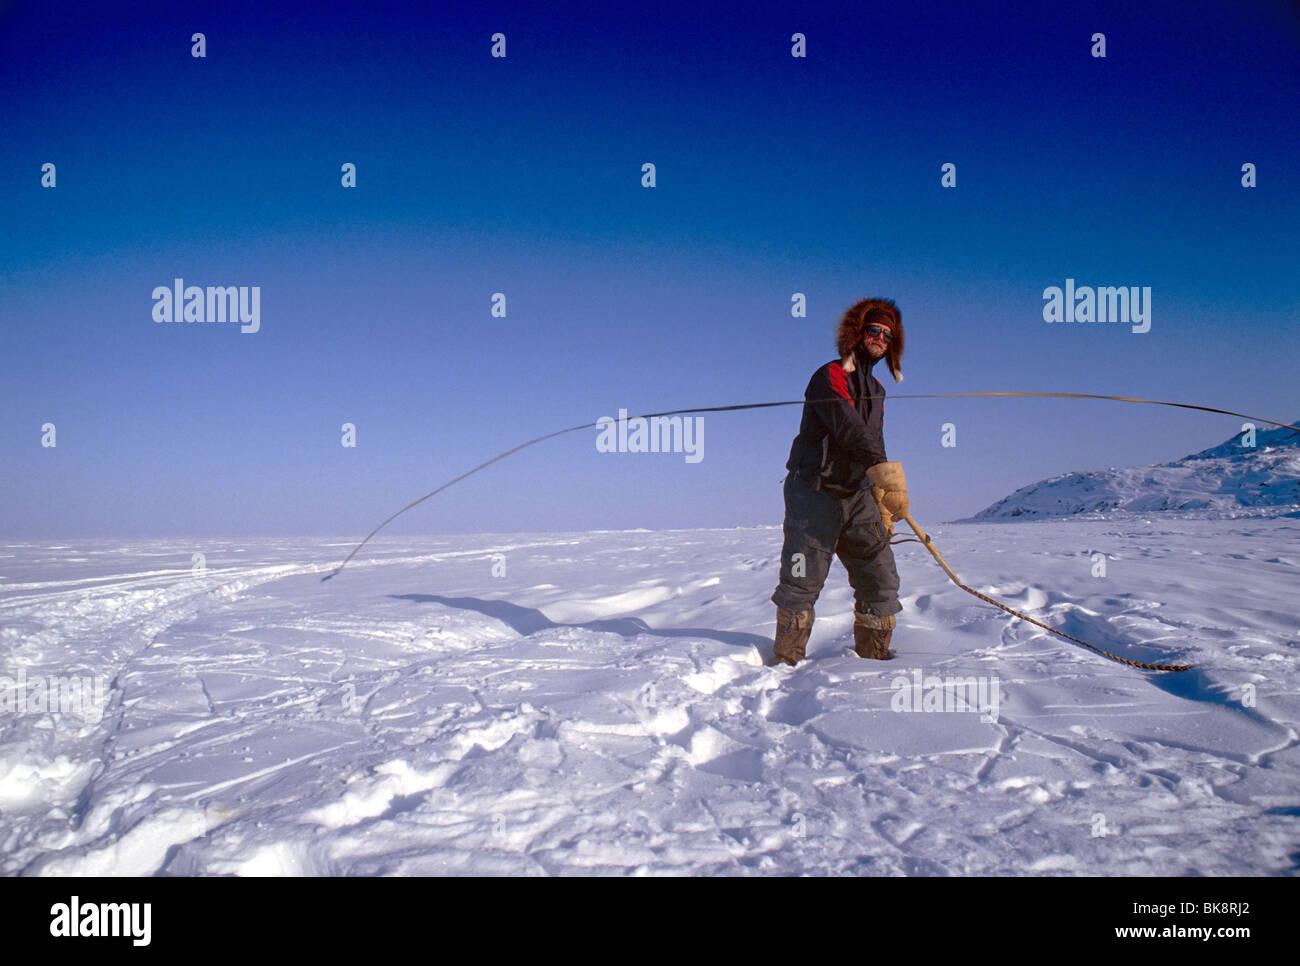 Voyageur aventure Brent Boddy pratiquant un fouet sur un traîneau à chiens expédition sur l'île de Baffin, Nunavut, Banque D'Images